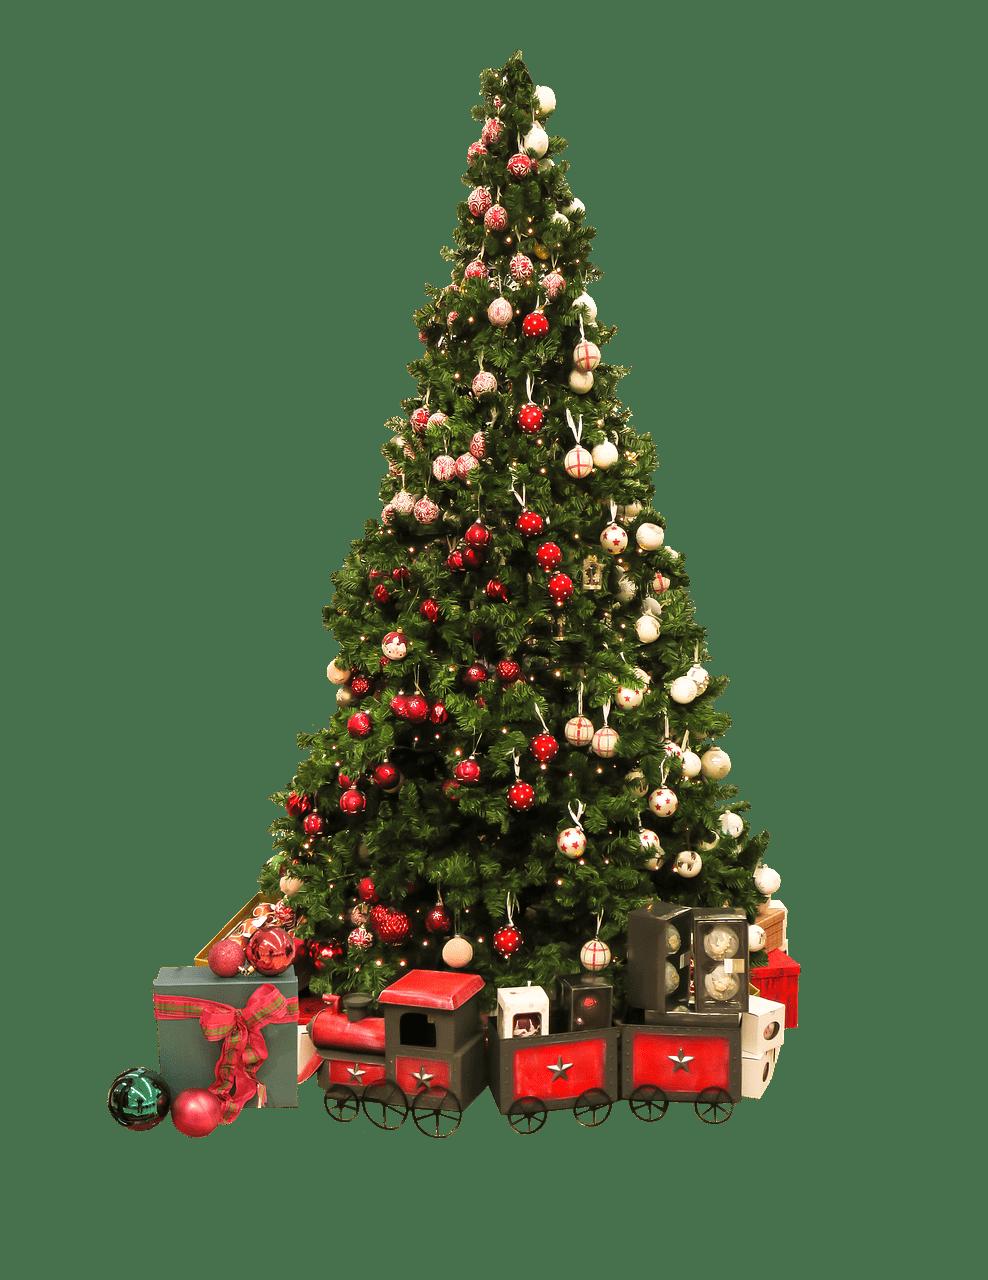 Árbol de Navidad y Regalos clipart PNG transparente.